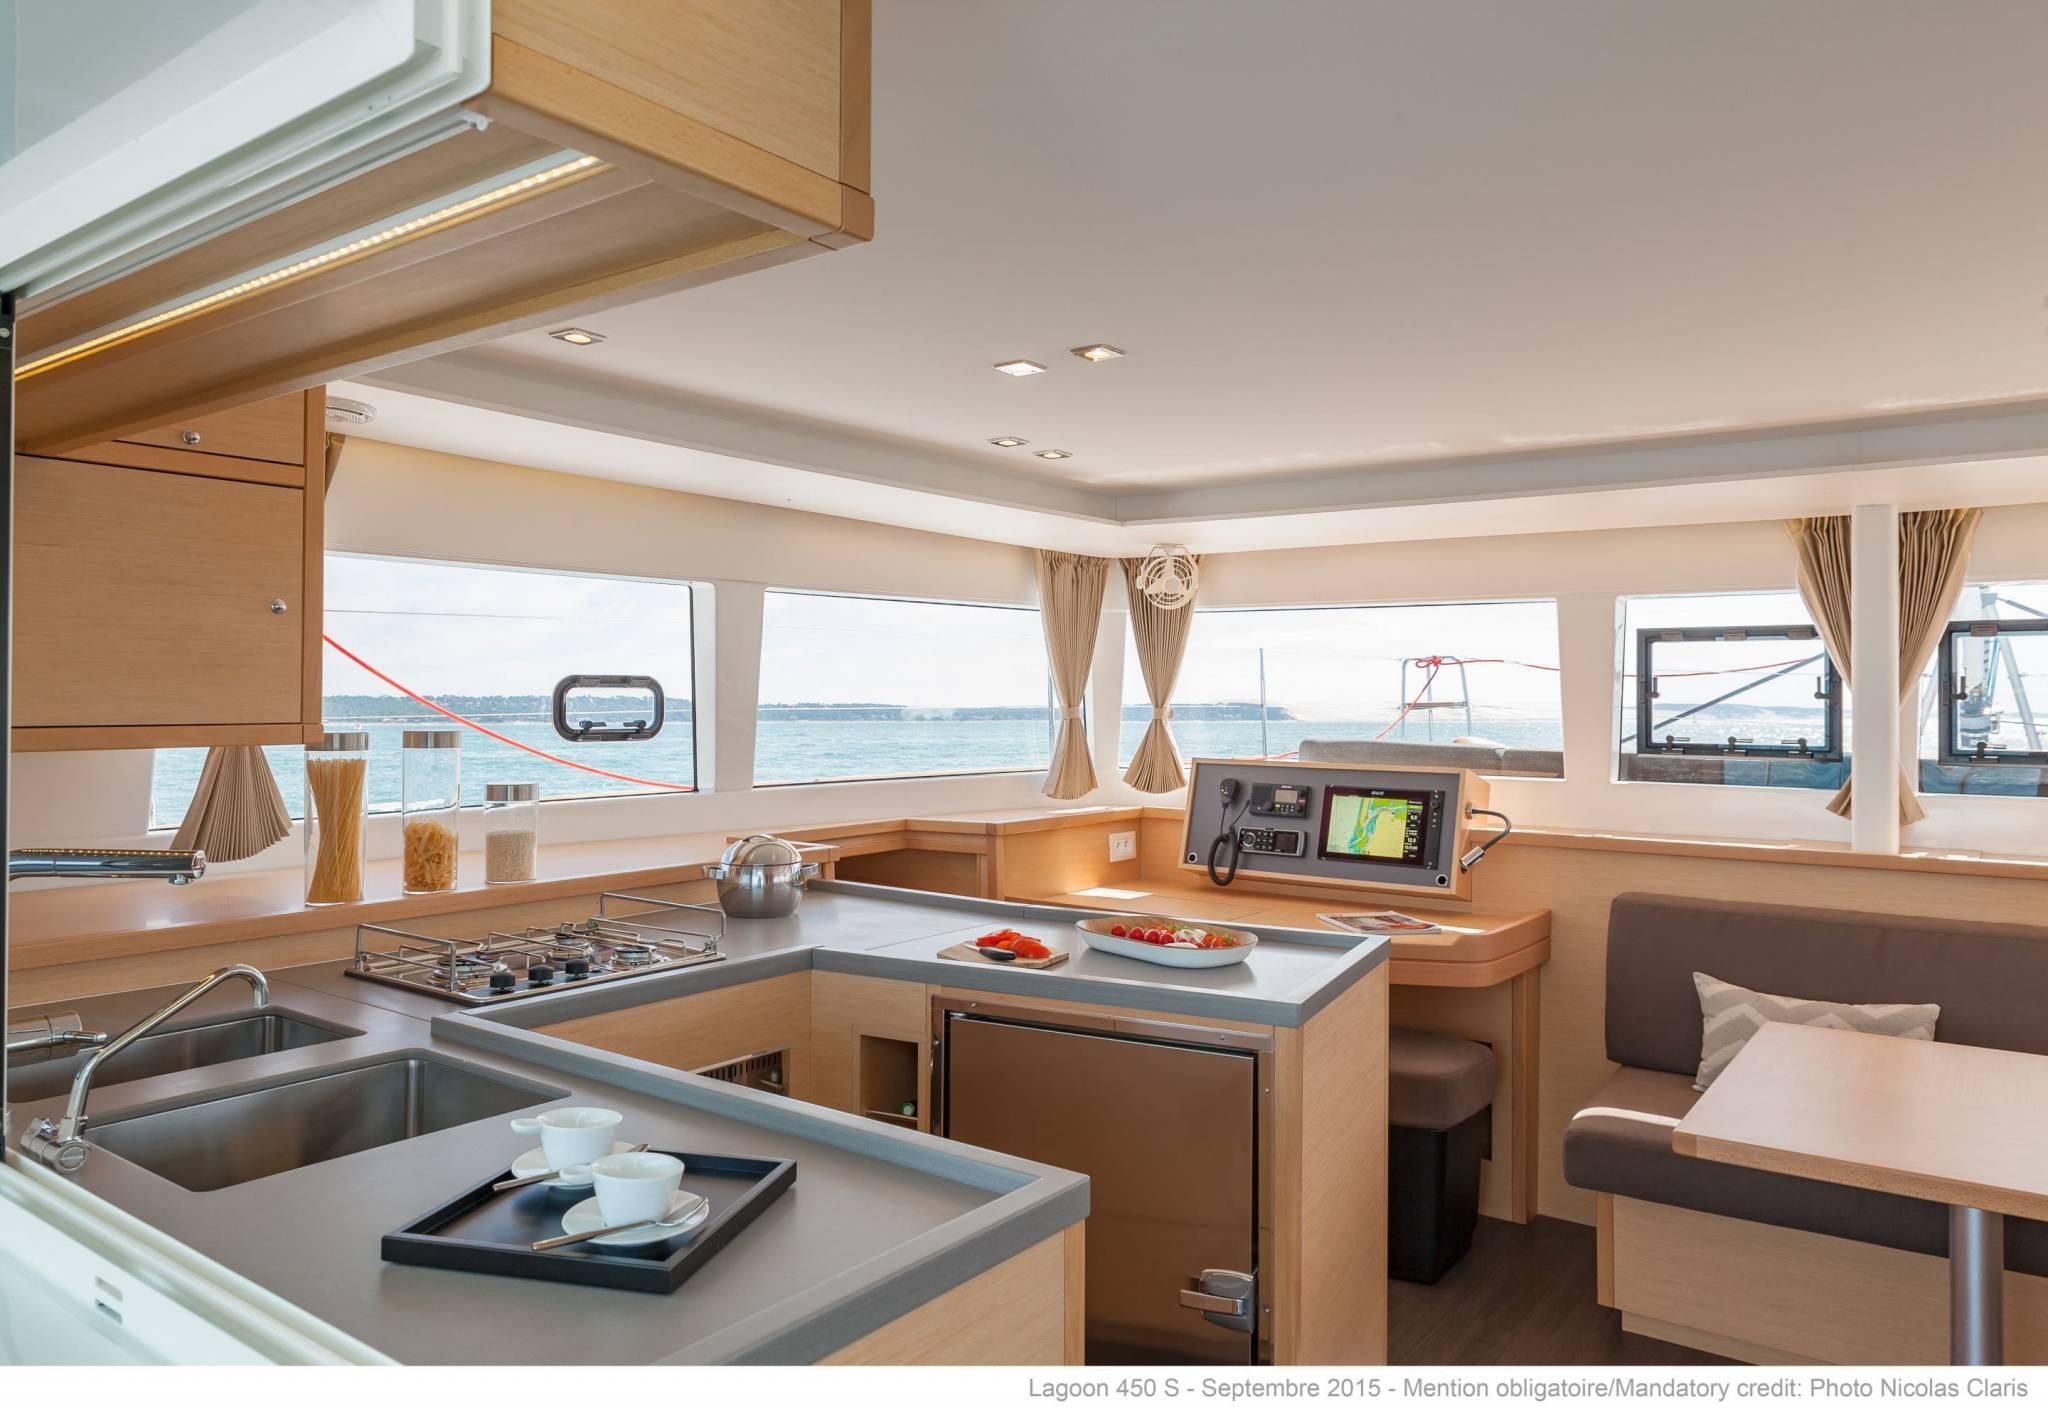 Lagoon 450 kitchen